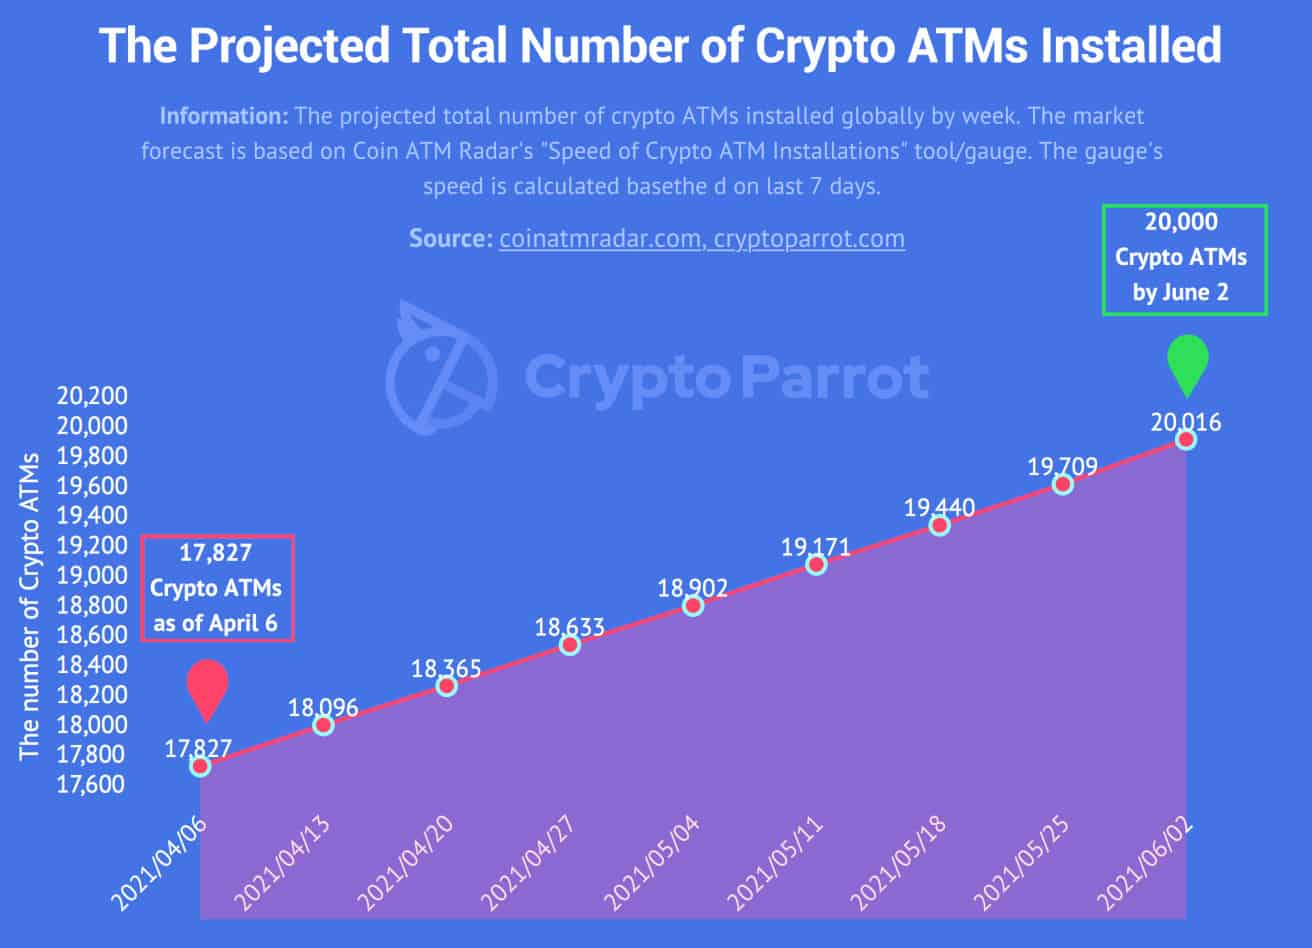 Laut Crypto Parrot sind bis Juni weltweit 20.000 Krypto-Geldautomaten im Einsatz. <Q>Crypto Parrot